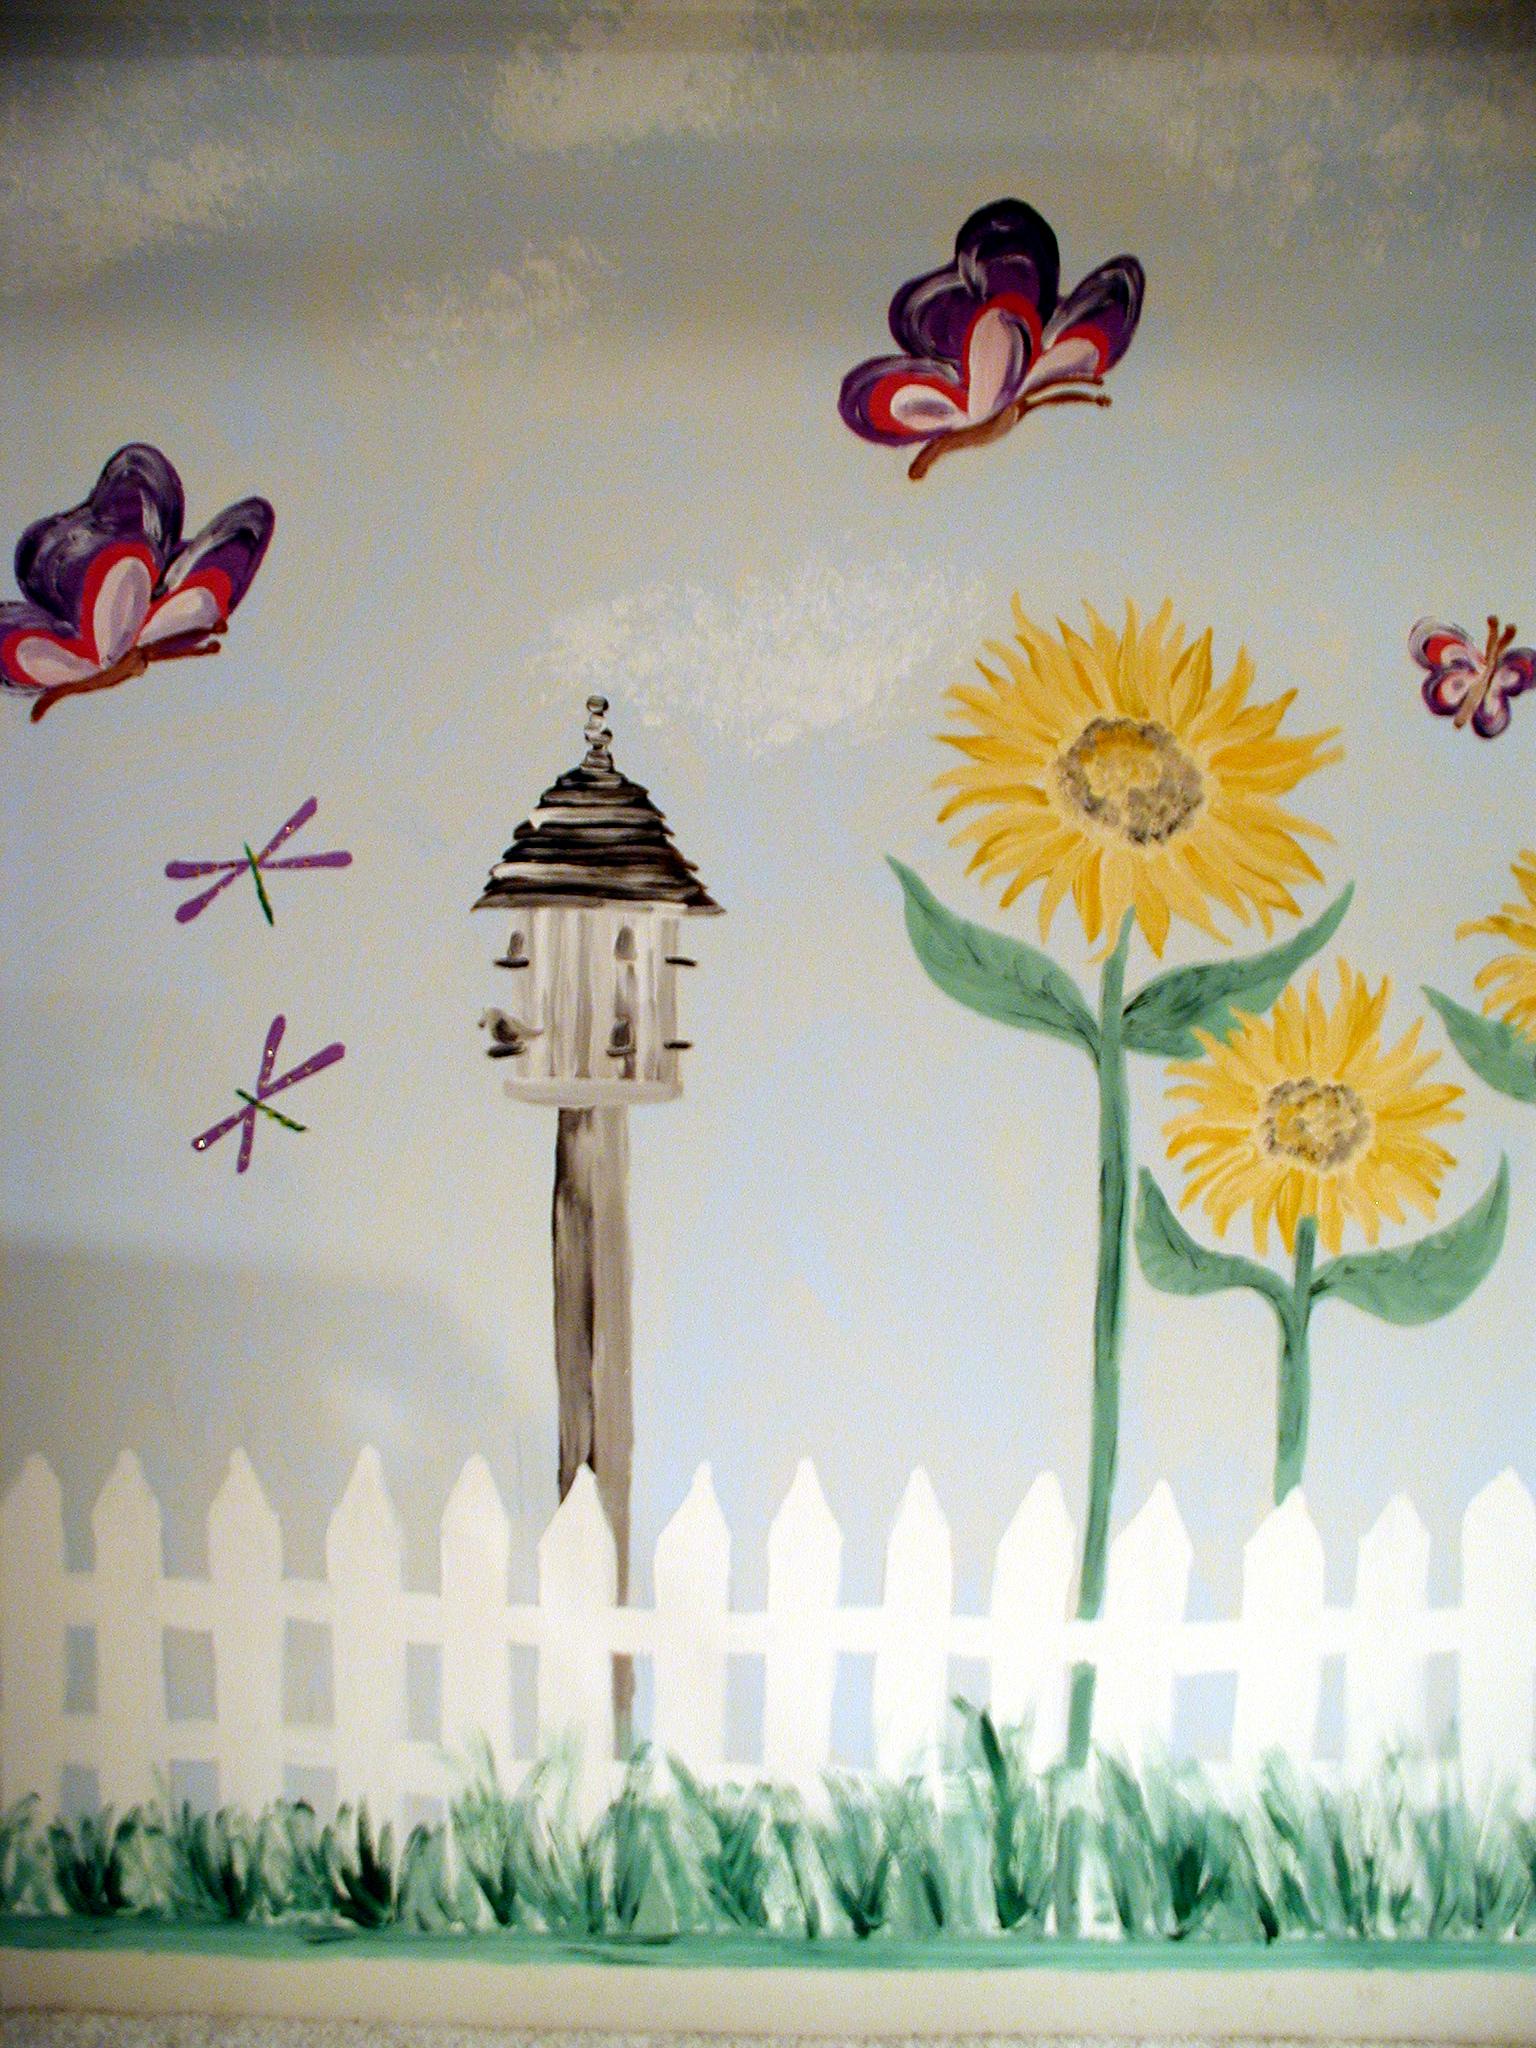 birdhouse butterflies dragons.jpg